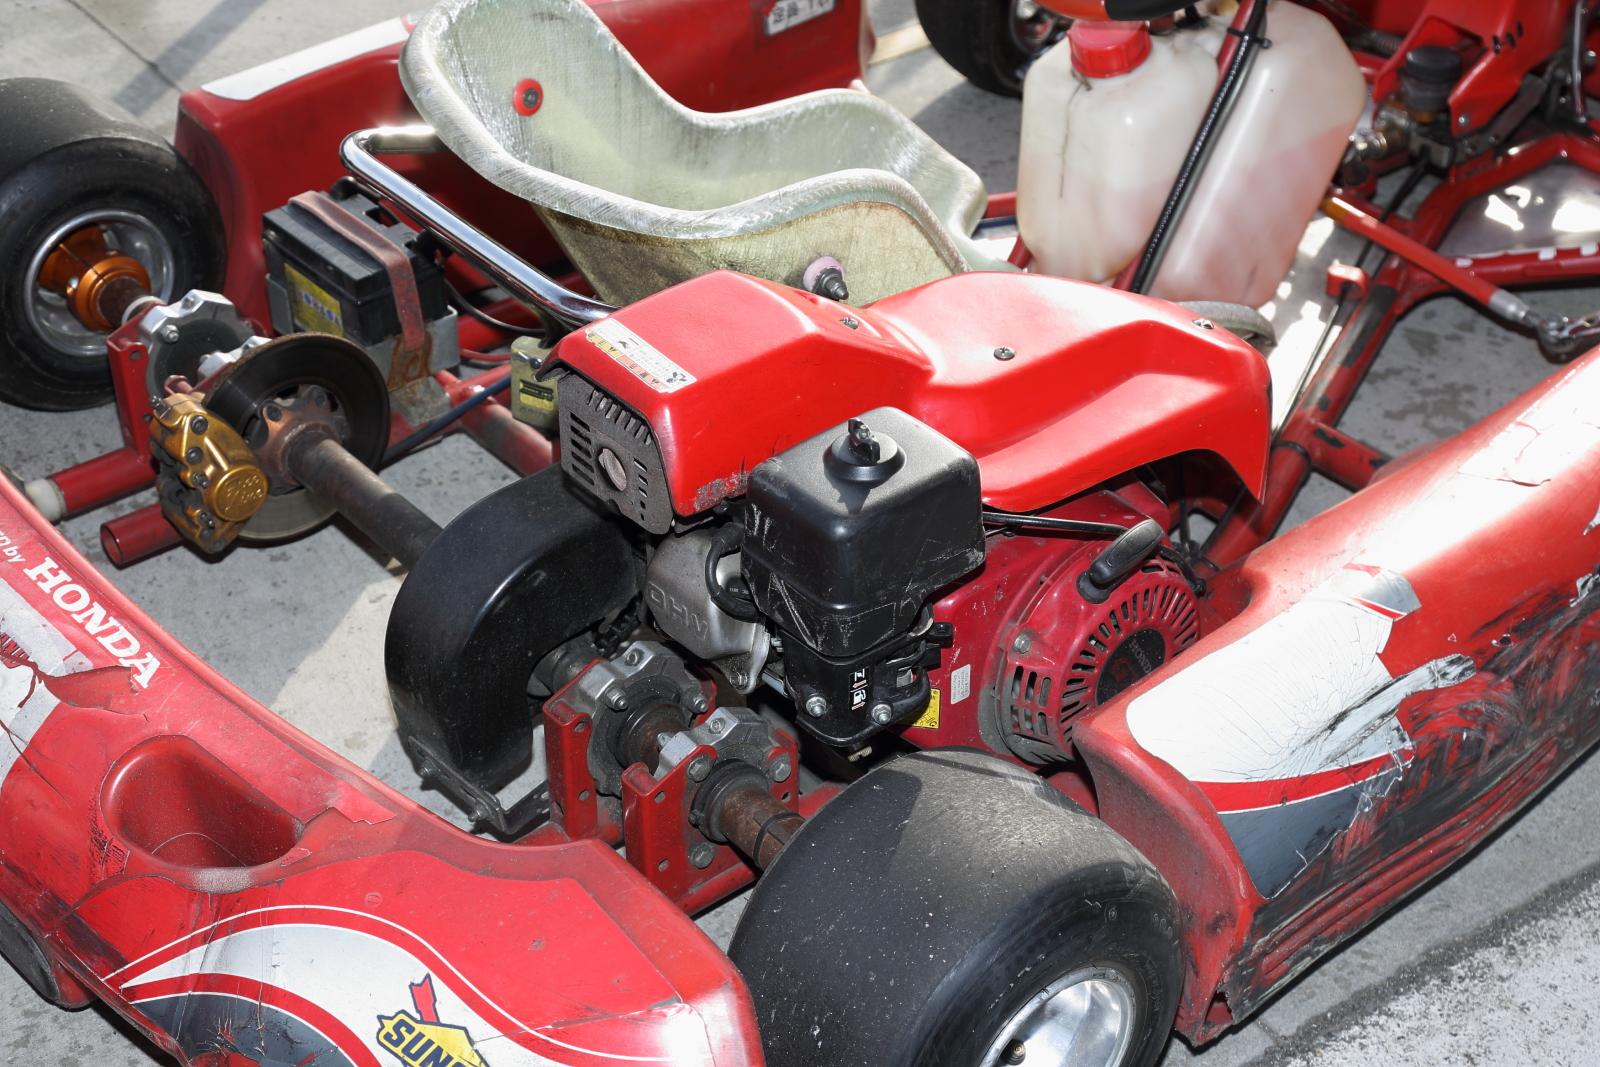 ツインリンクもてぎ内「モビパーク」にあるレーシングカートもホンダ汎用エンジン搭載車だ